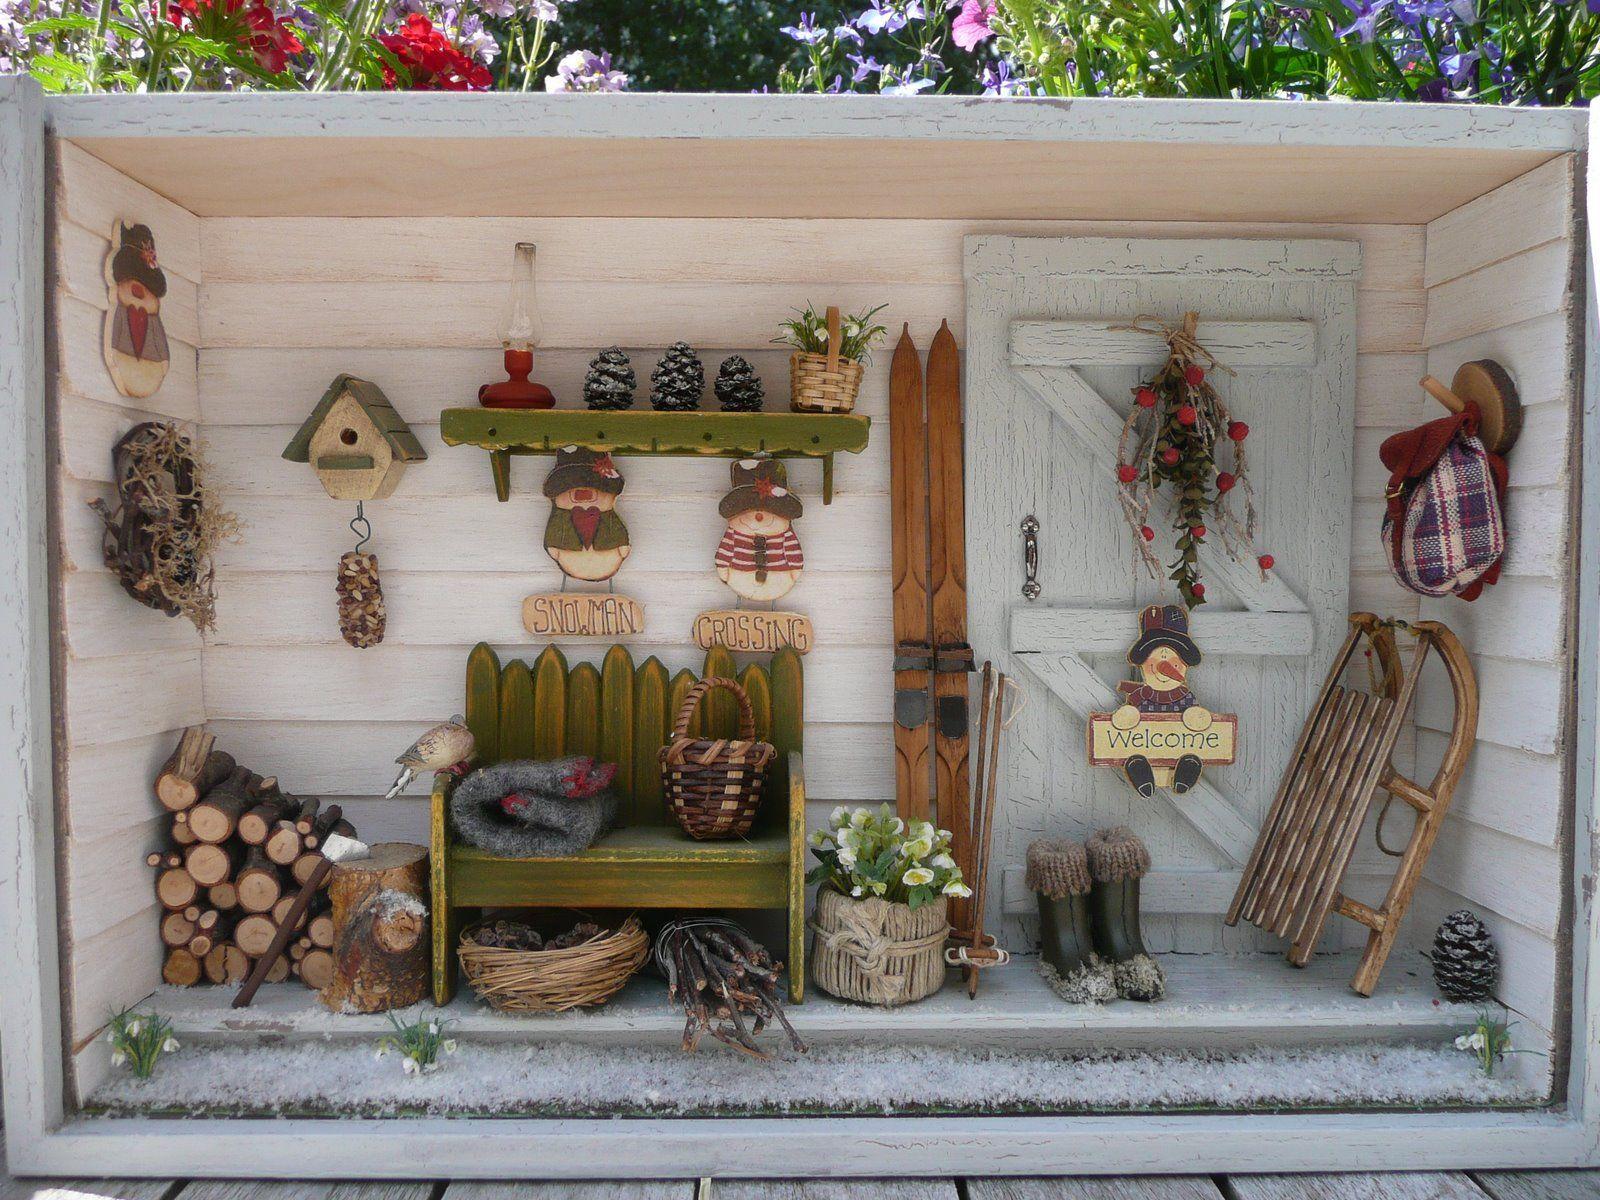 les carnets de l 39 atelier blondie la cabane de jardin des 4 saisons the four season garden. Black Bedroom Furniture Sets. Home Design Ideas